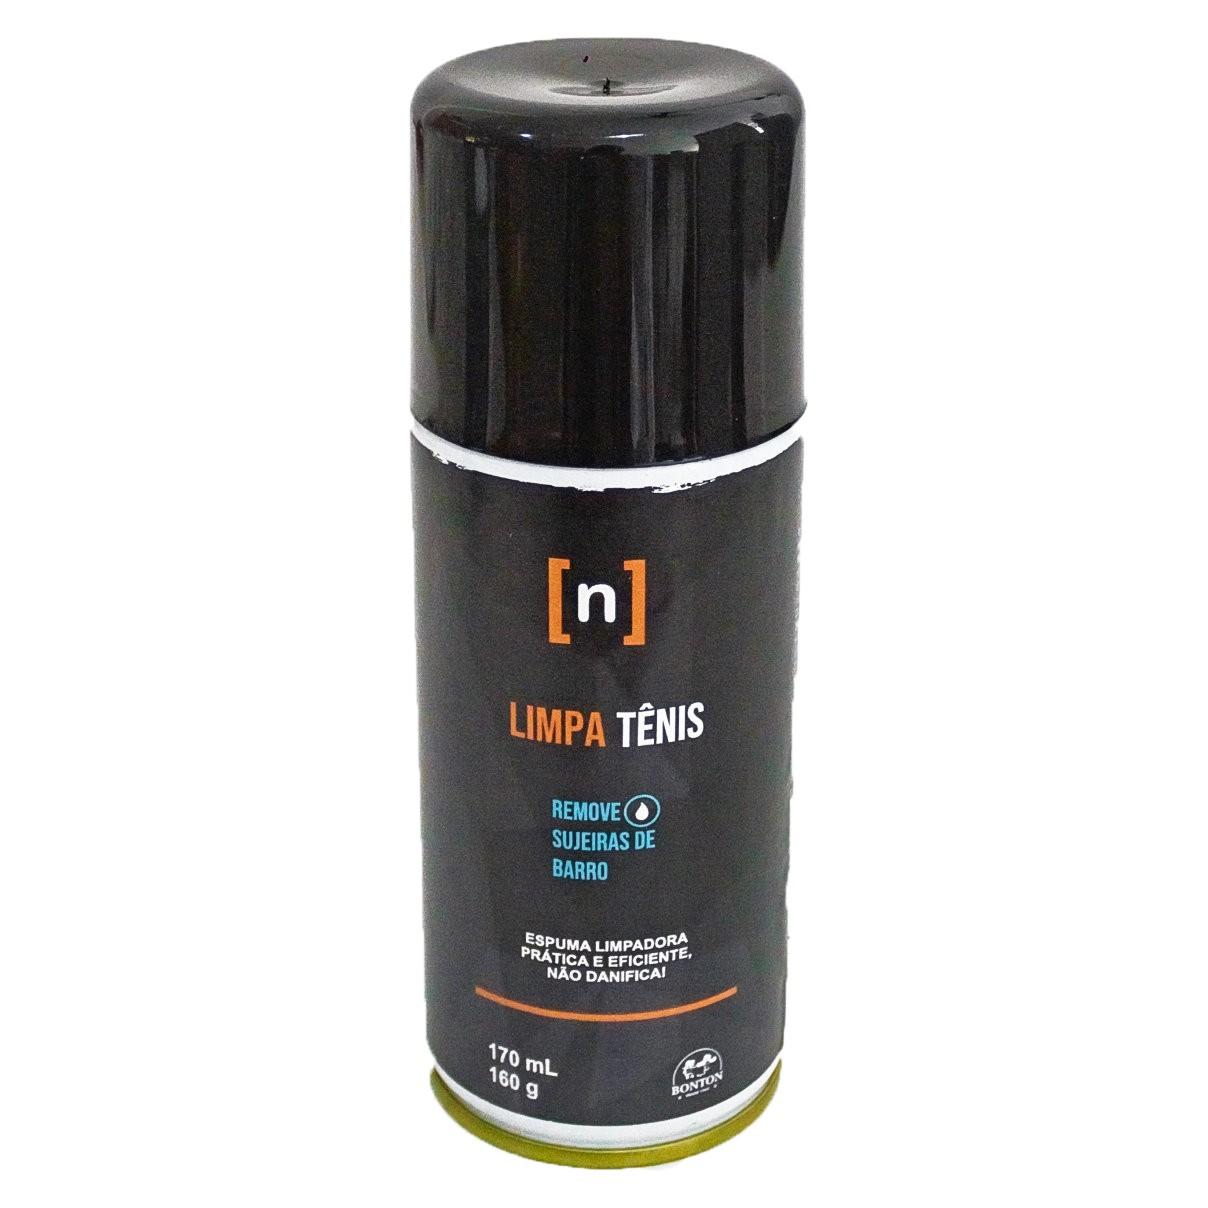 Spray Limpa Tênis Nohall